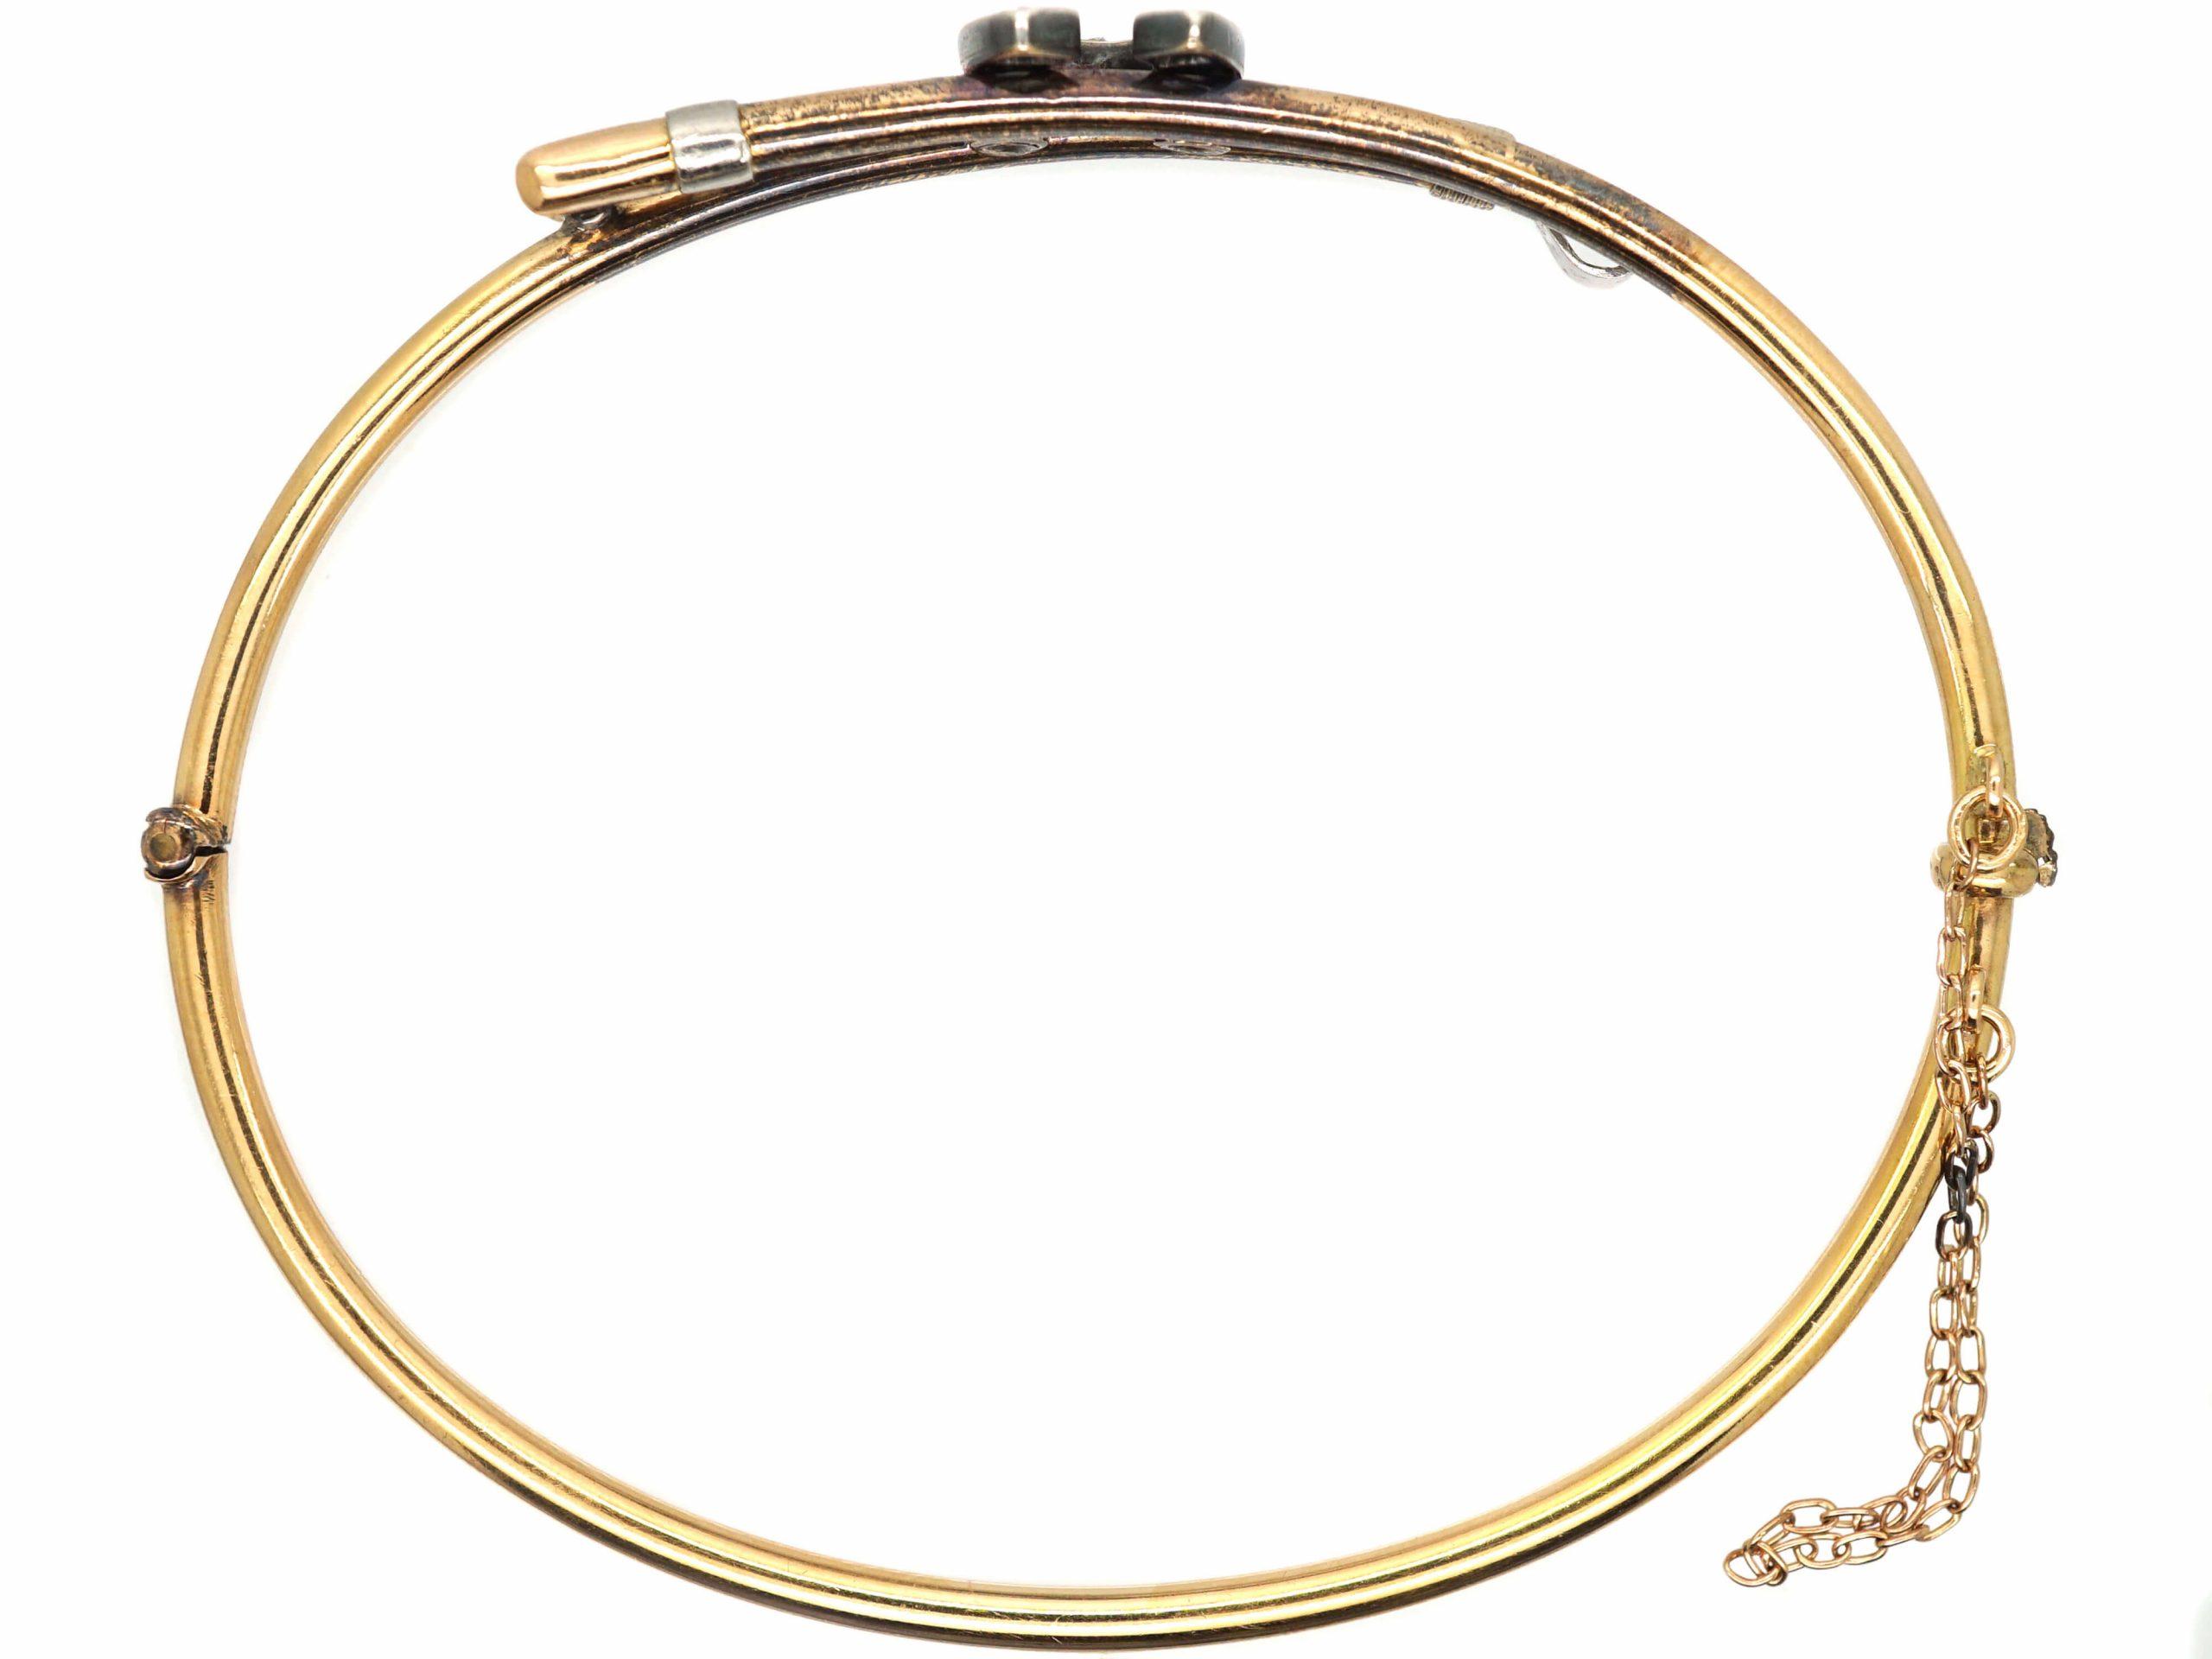 Edwardian 15ct Gold & Silver, Crop & Horseshoe Bangle set with Diamonds